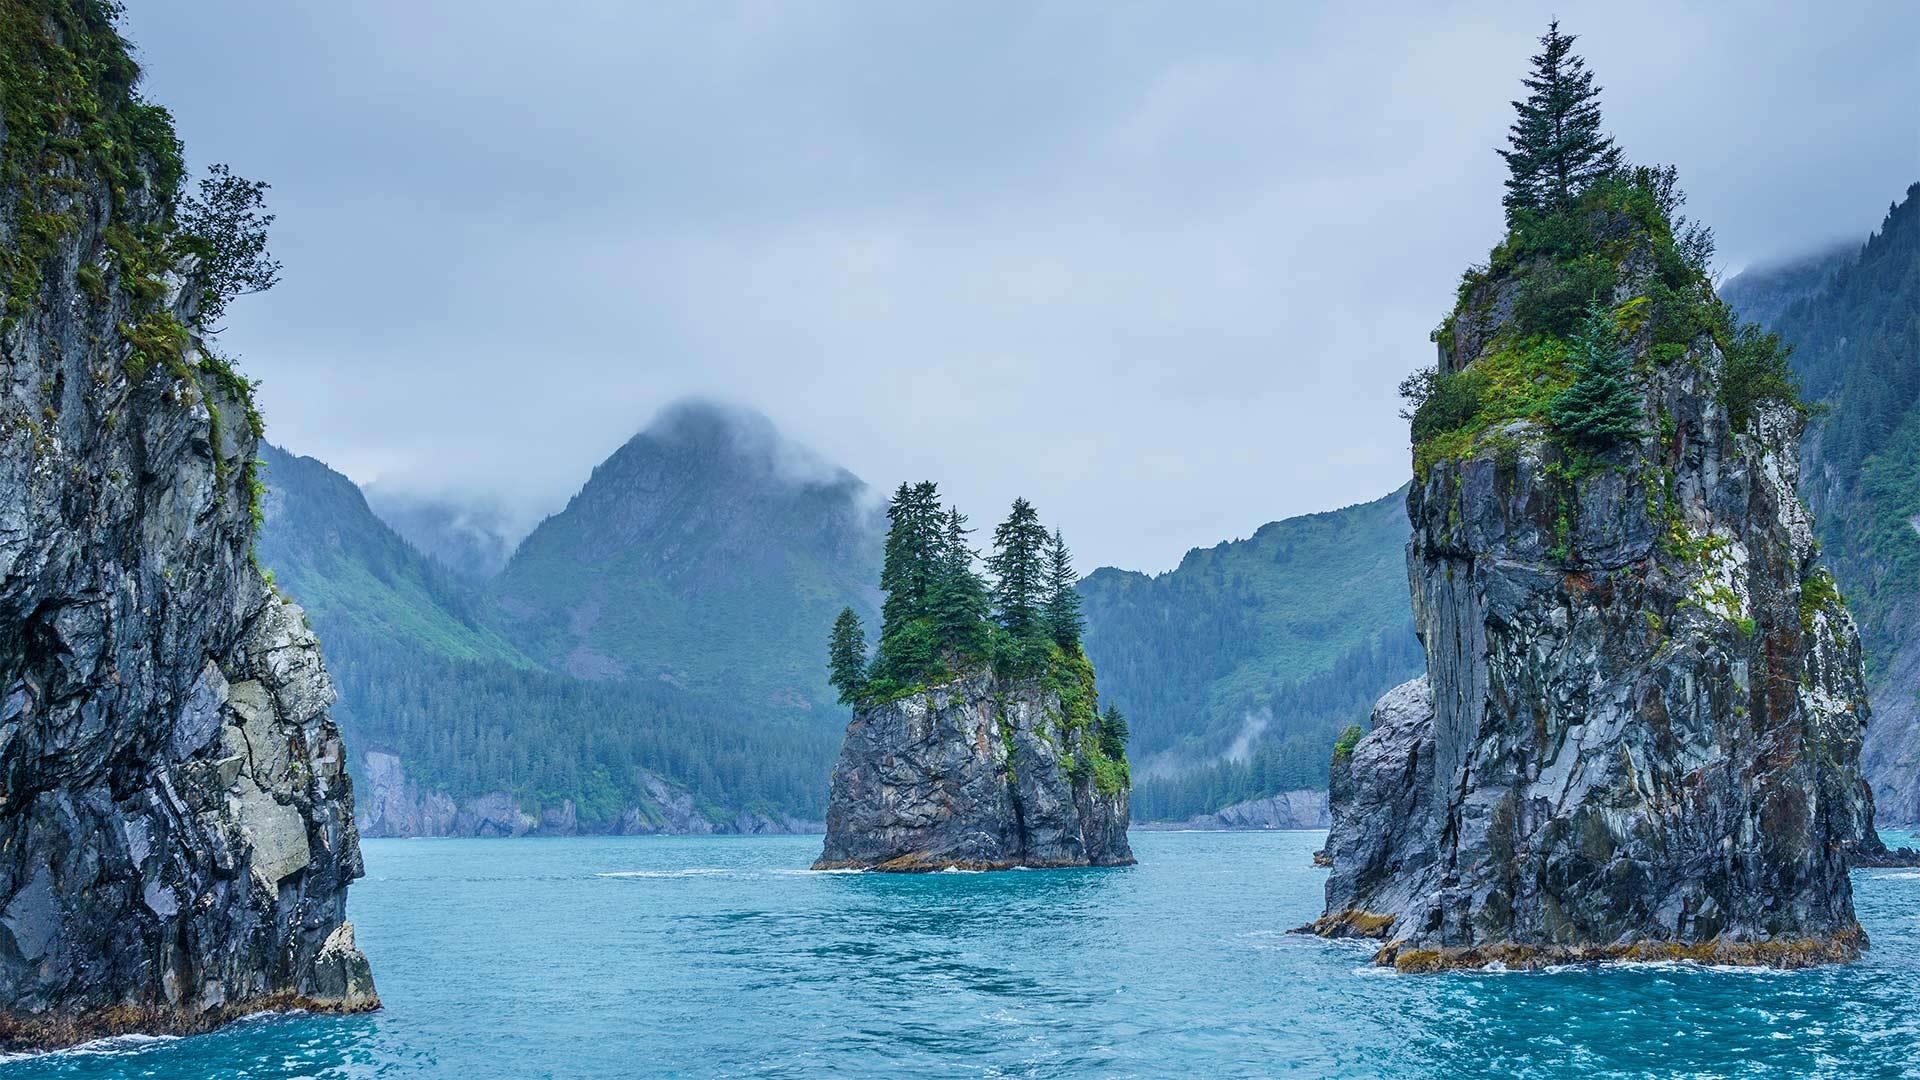 基奈峡湾国家公园的尖顶湾,阿拉斯加 (© Sekar B/Shutterstock)